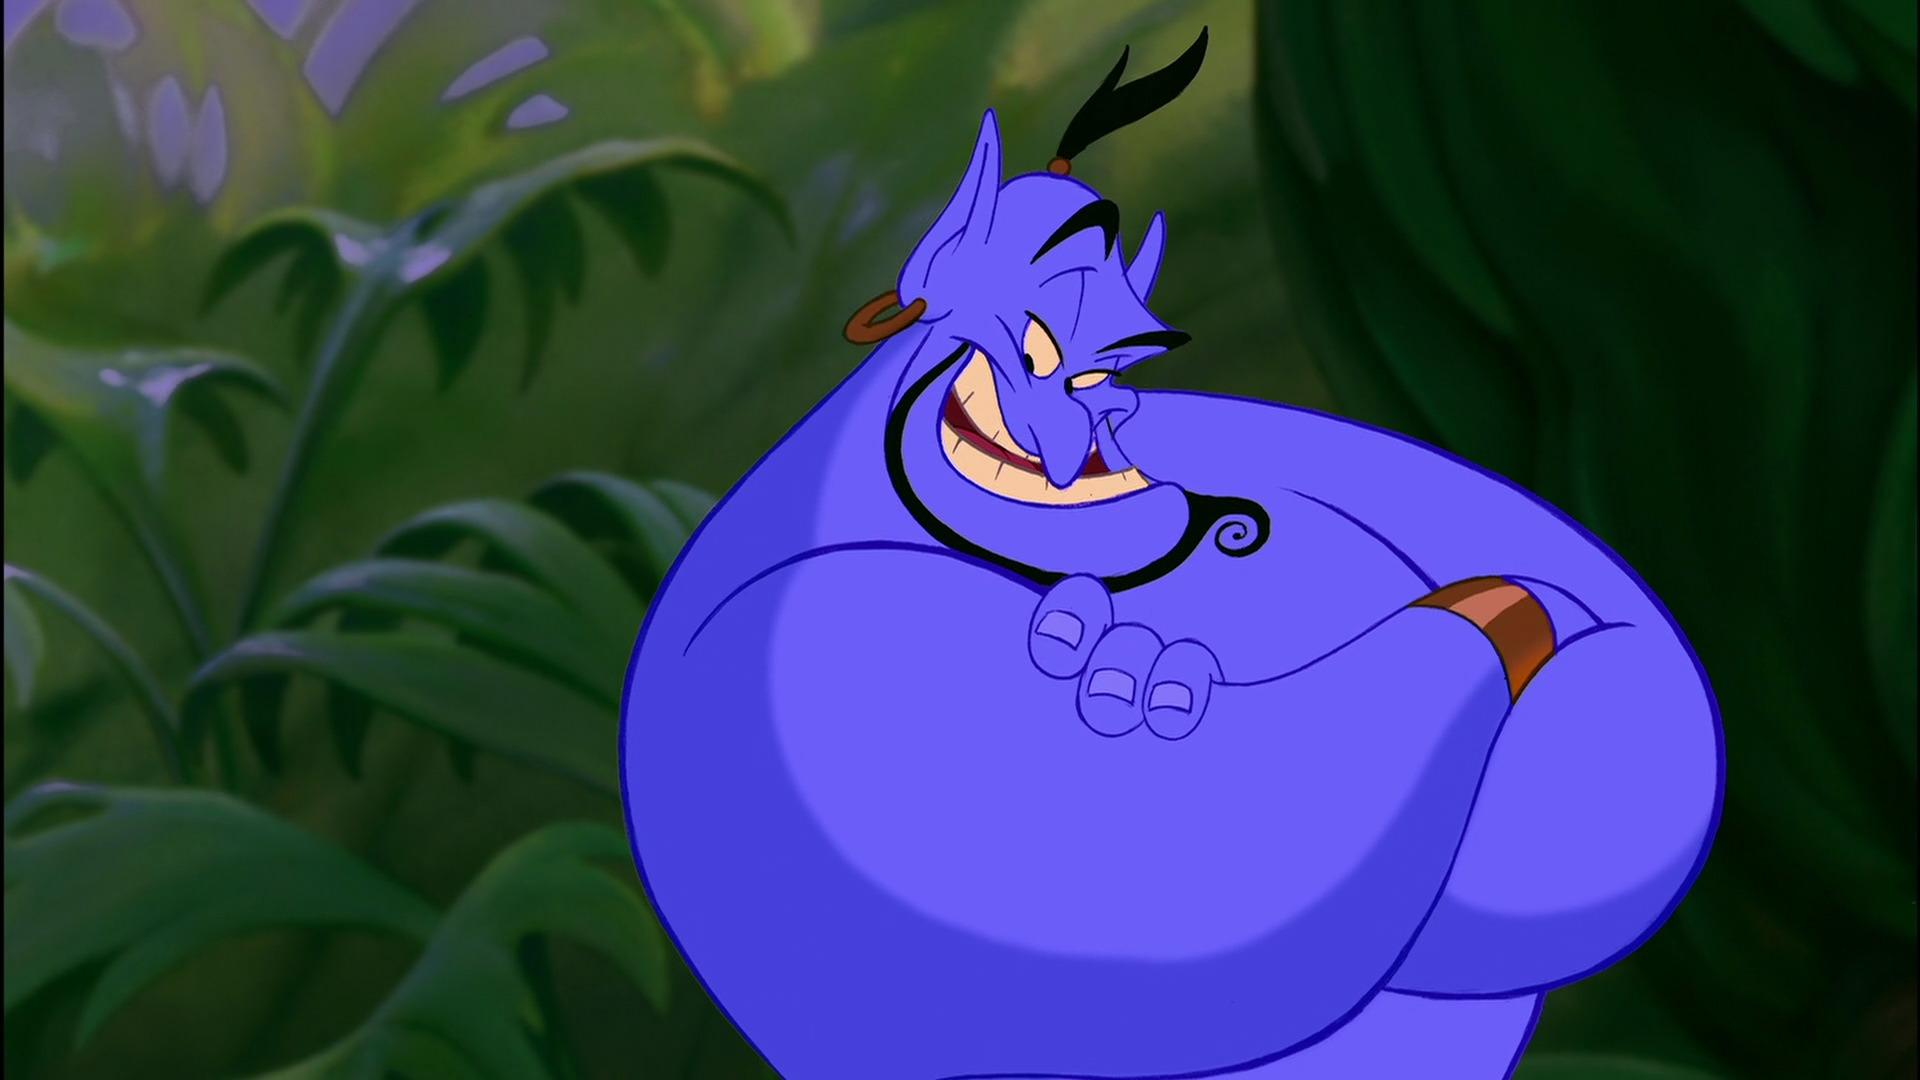 Robin Williams in Aladdin (1992)